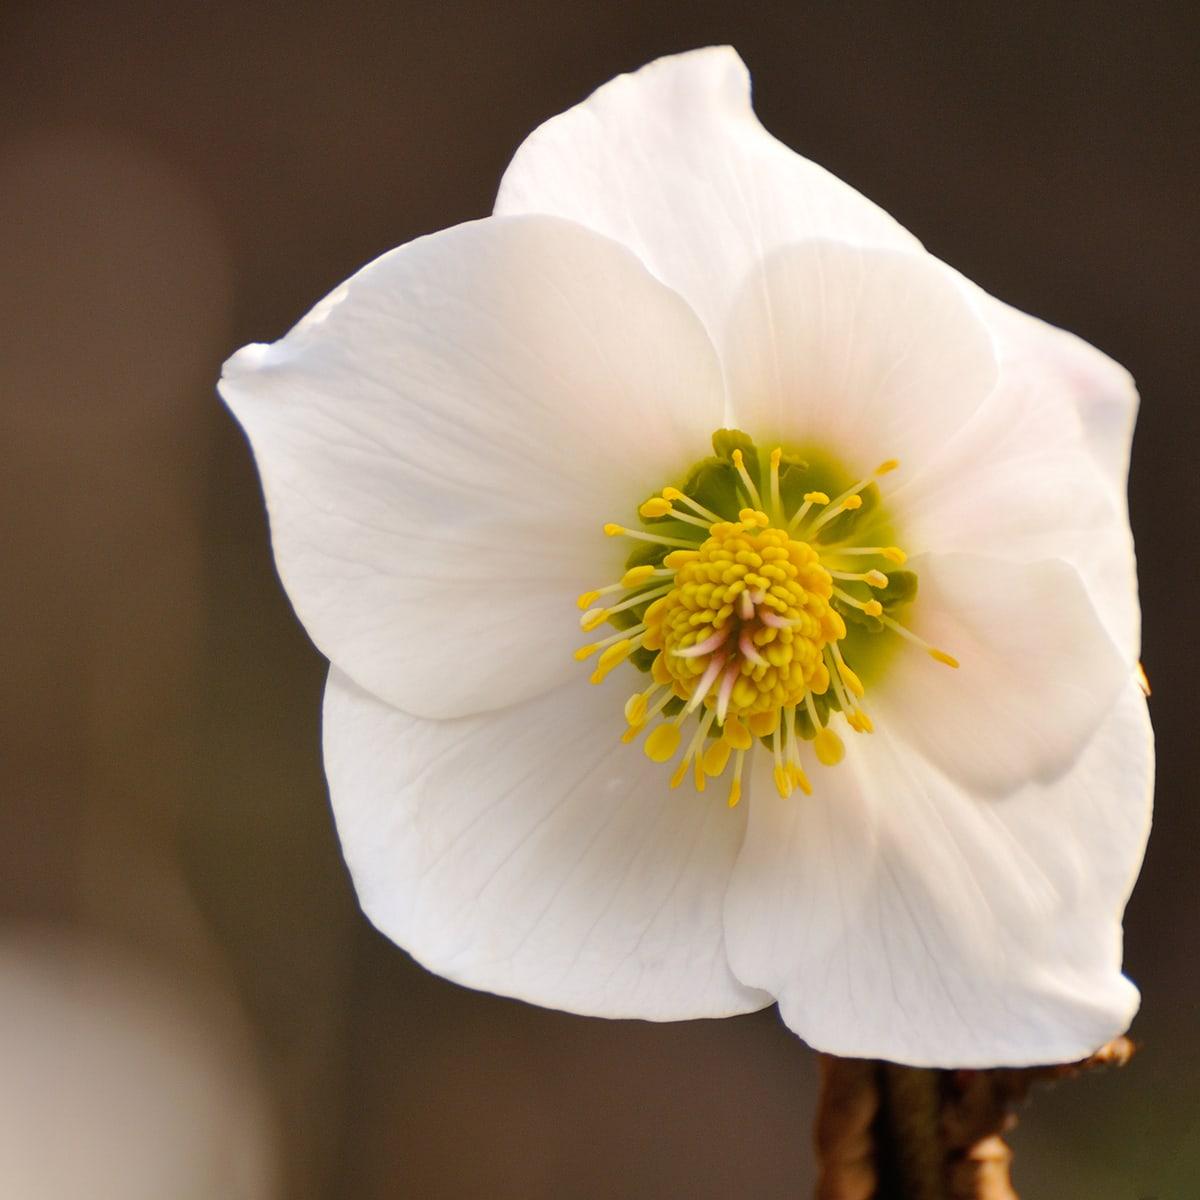 Hellebore (Helleborus niger) or Christmas Rose flower